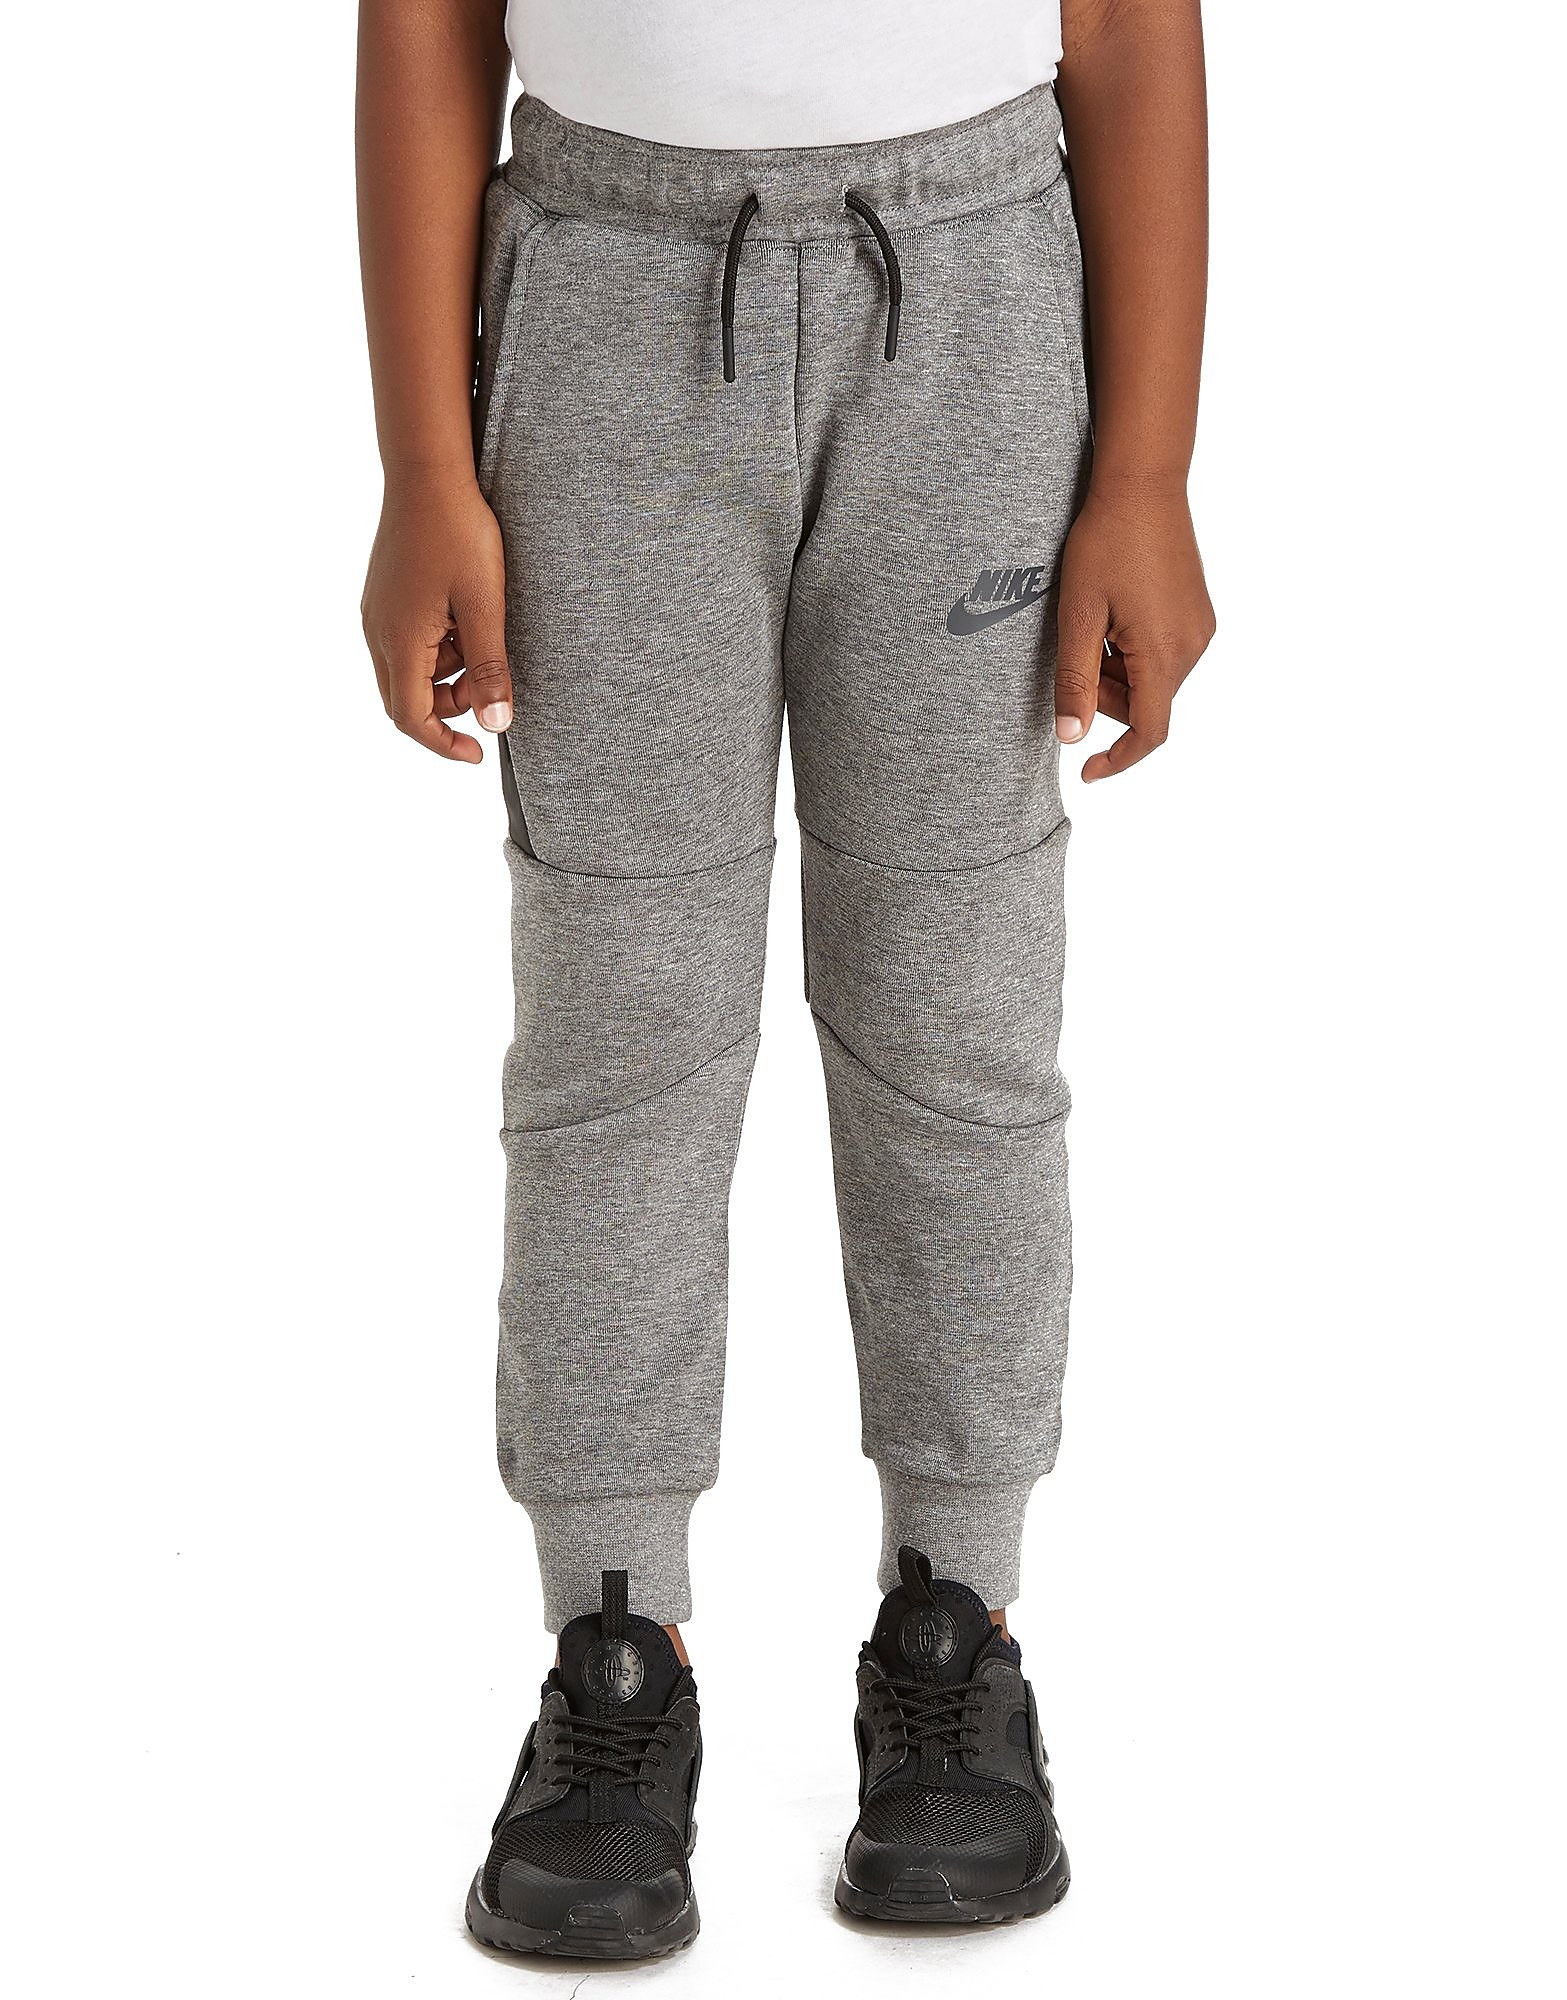 Nike pantalón de chándal Tech Fleece infantil